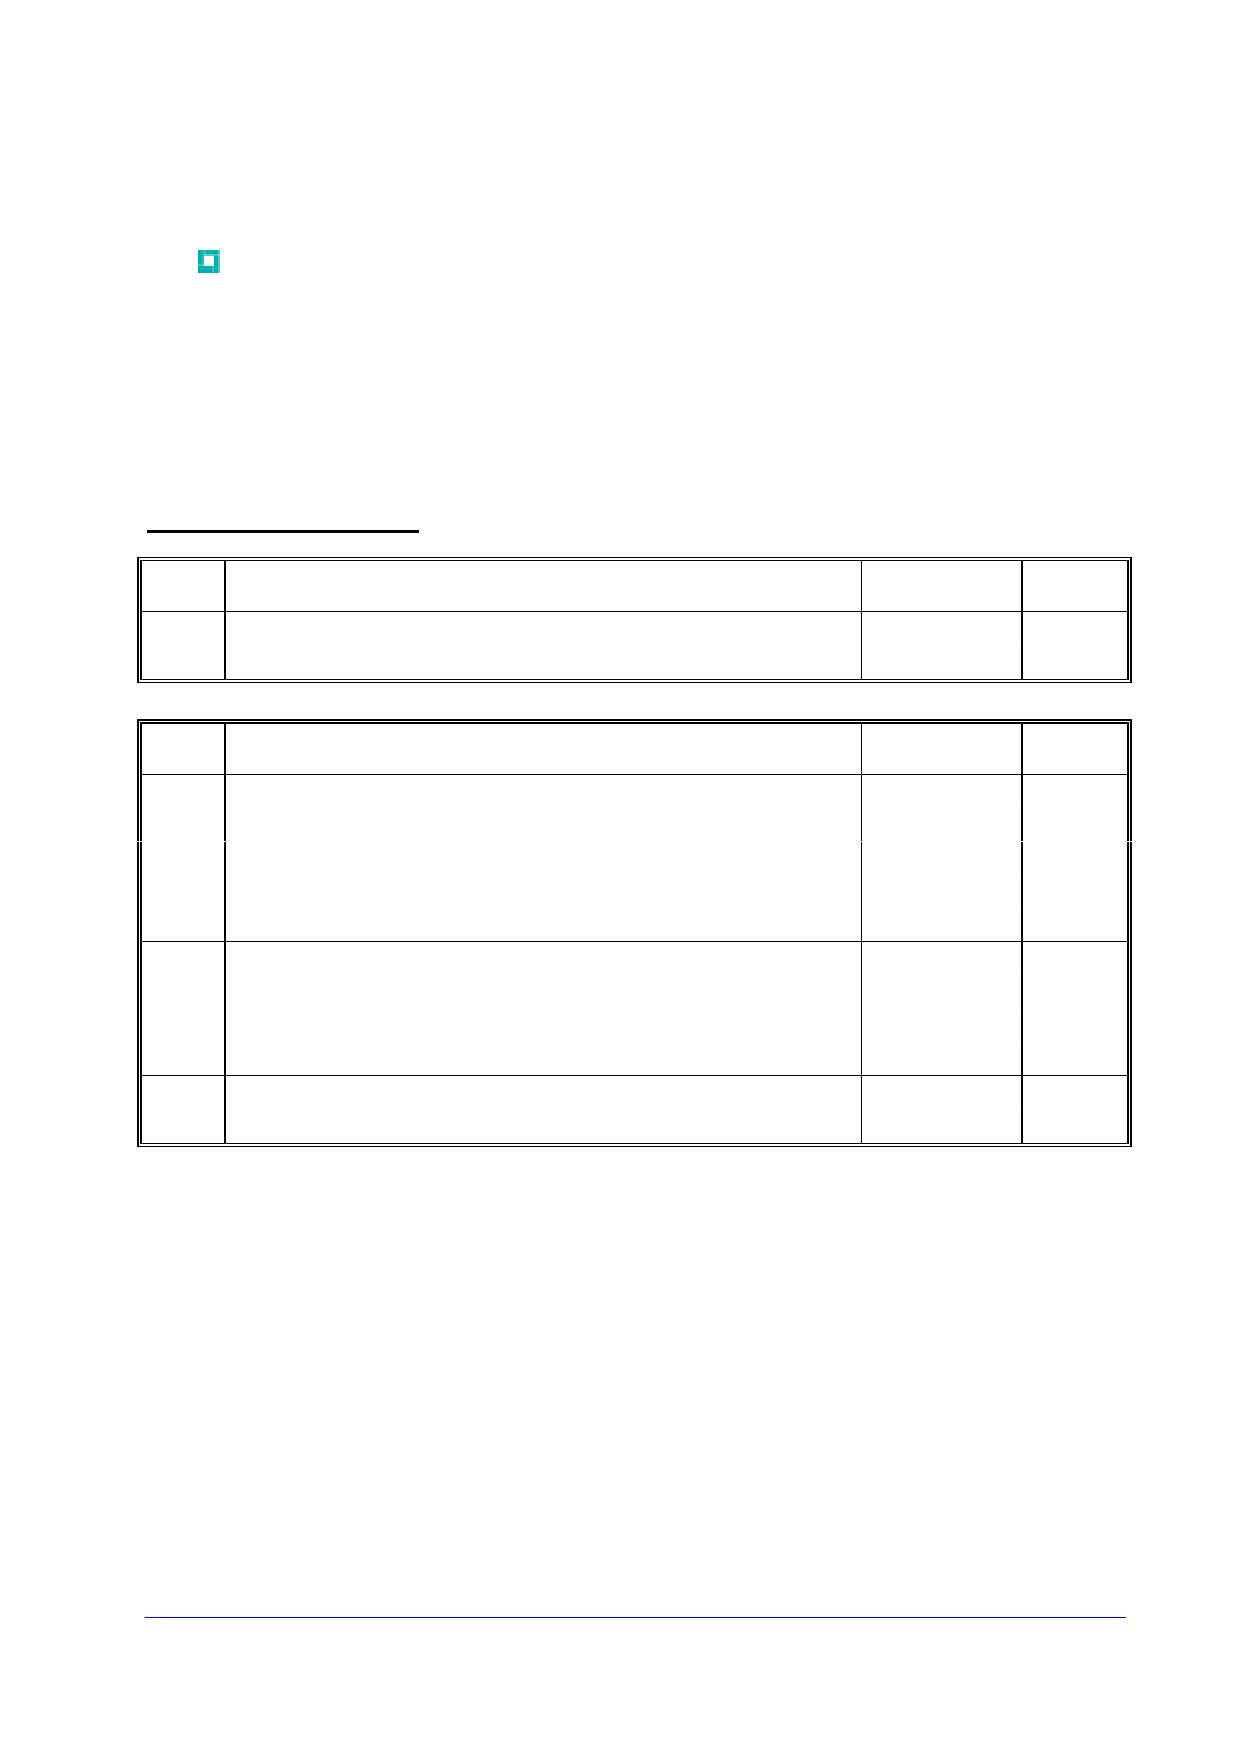 M0790YH220 دیتاشیت PDF